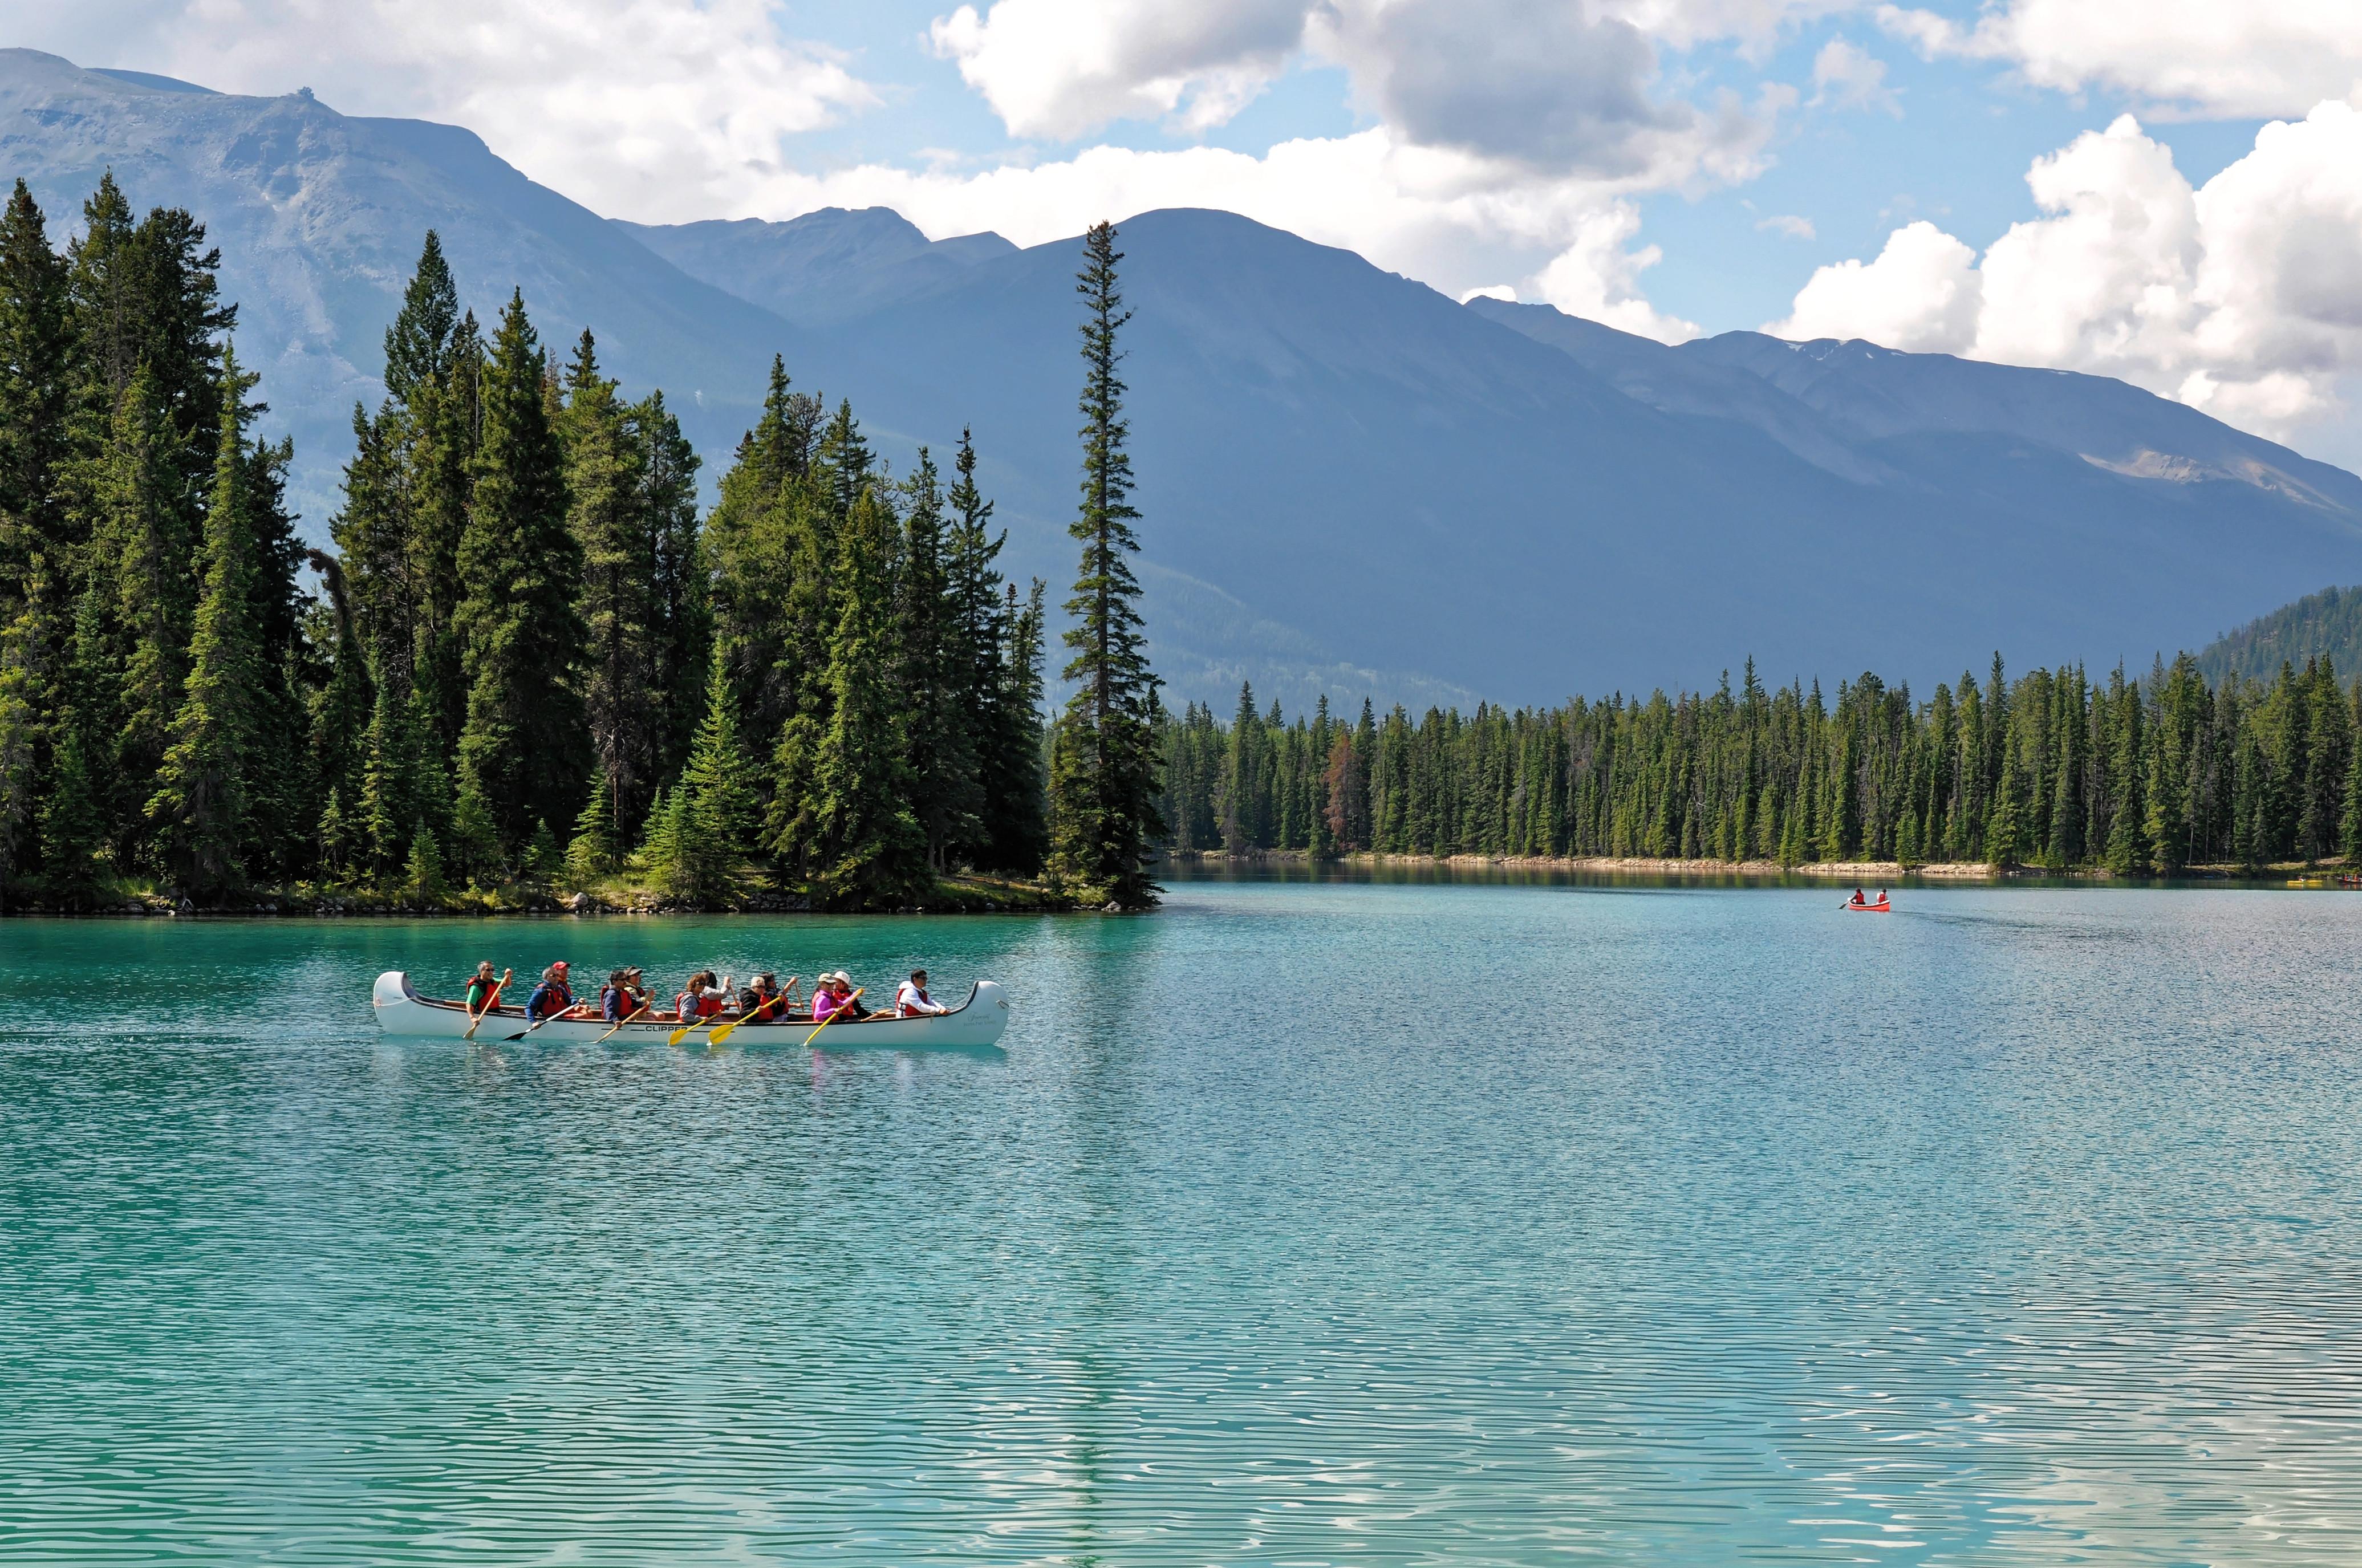 Lago Beauvert en las Montañas Rocosas en Canadá